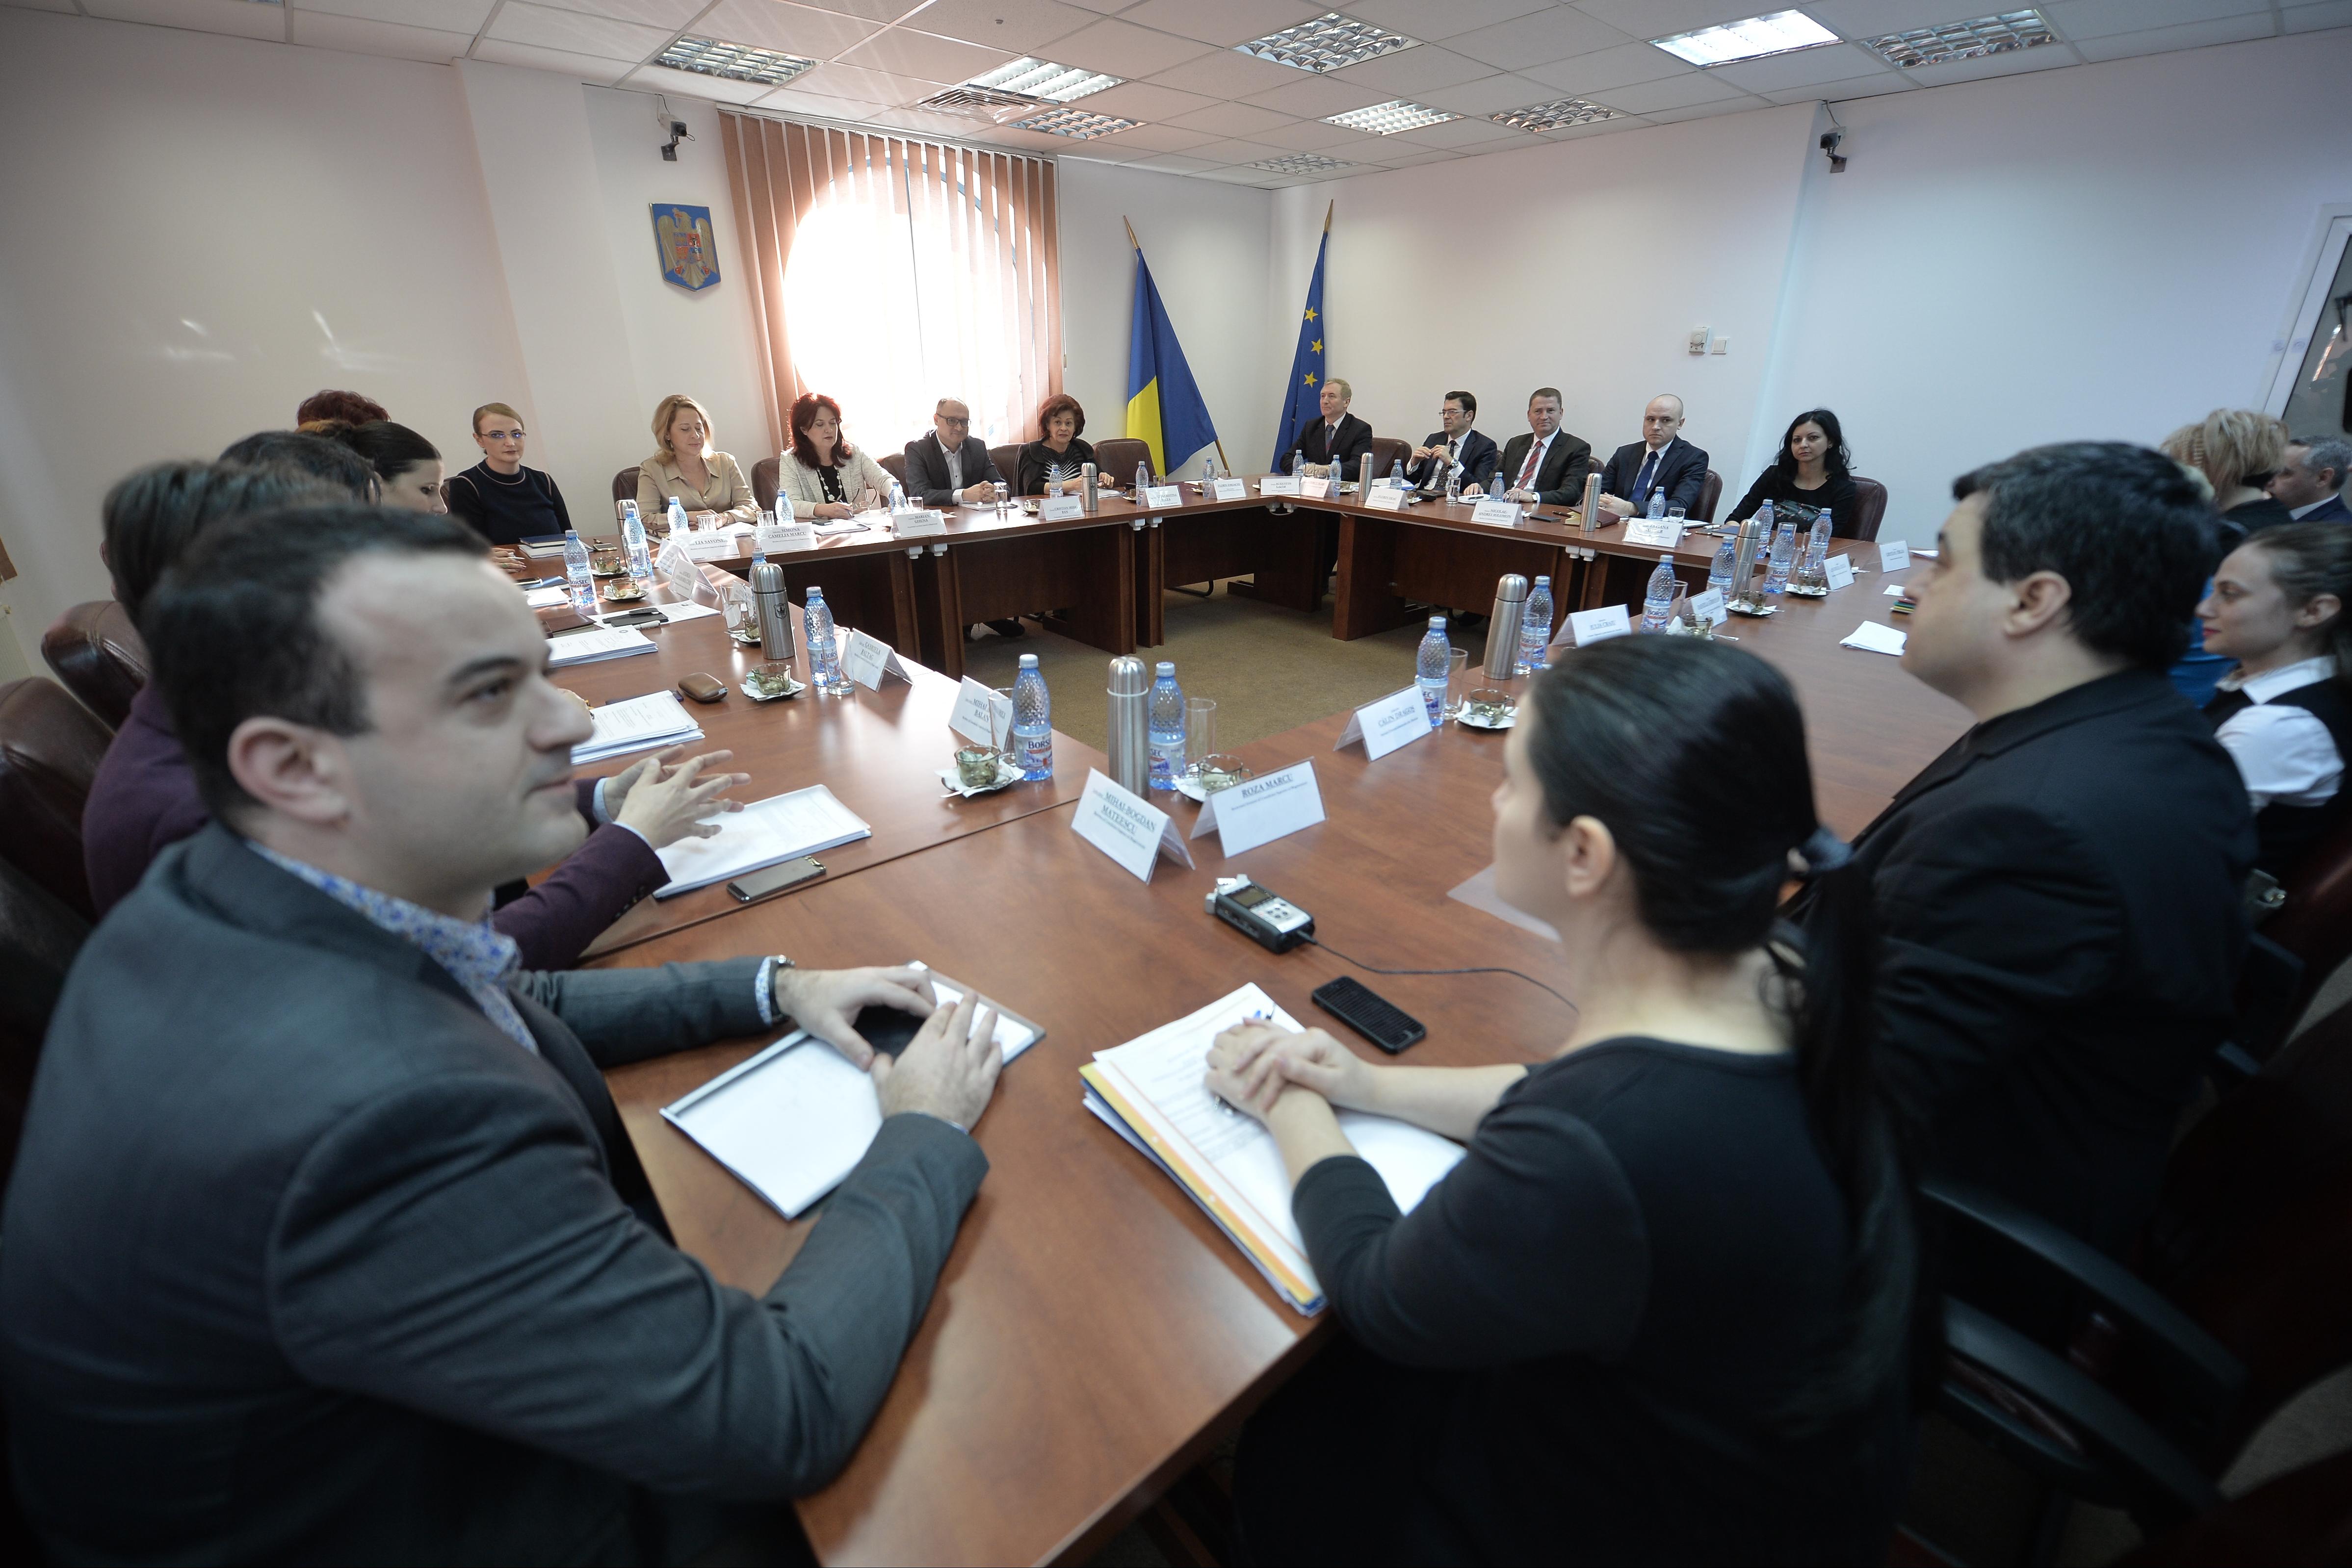 Vicepreşedintele CSM cere ca încetarea detaşărilor la Consiliu să fie discutată în plen, nu în secţii